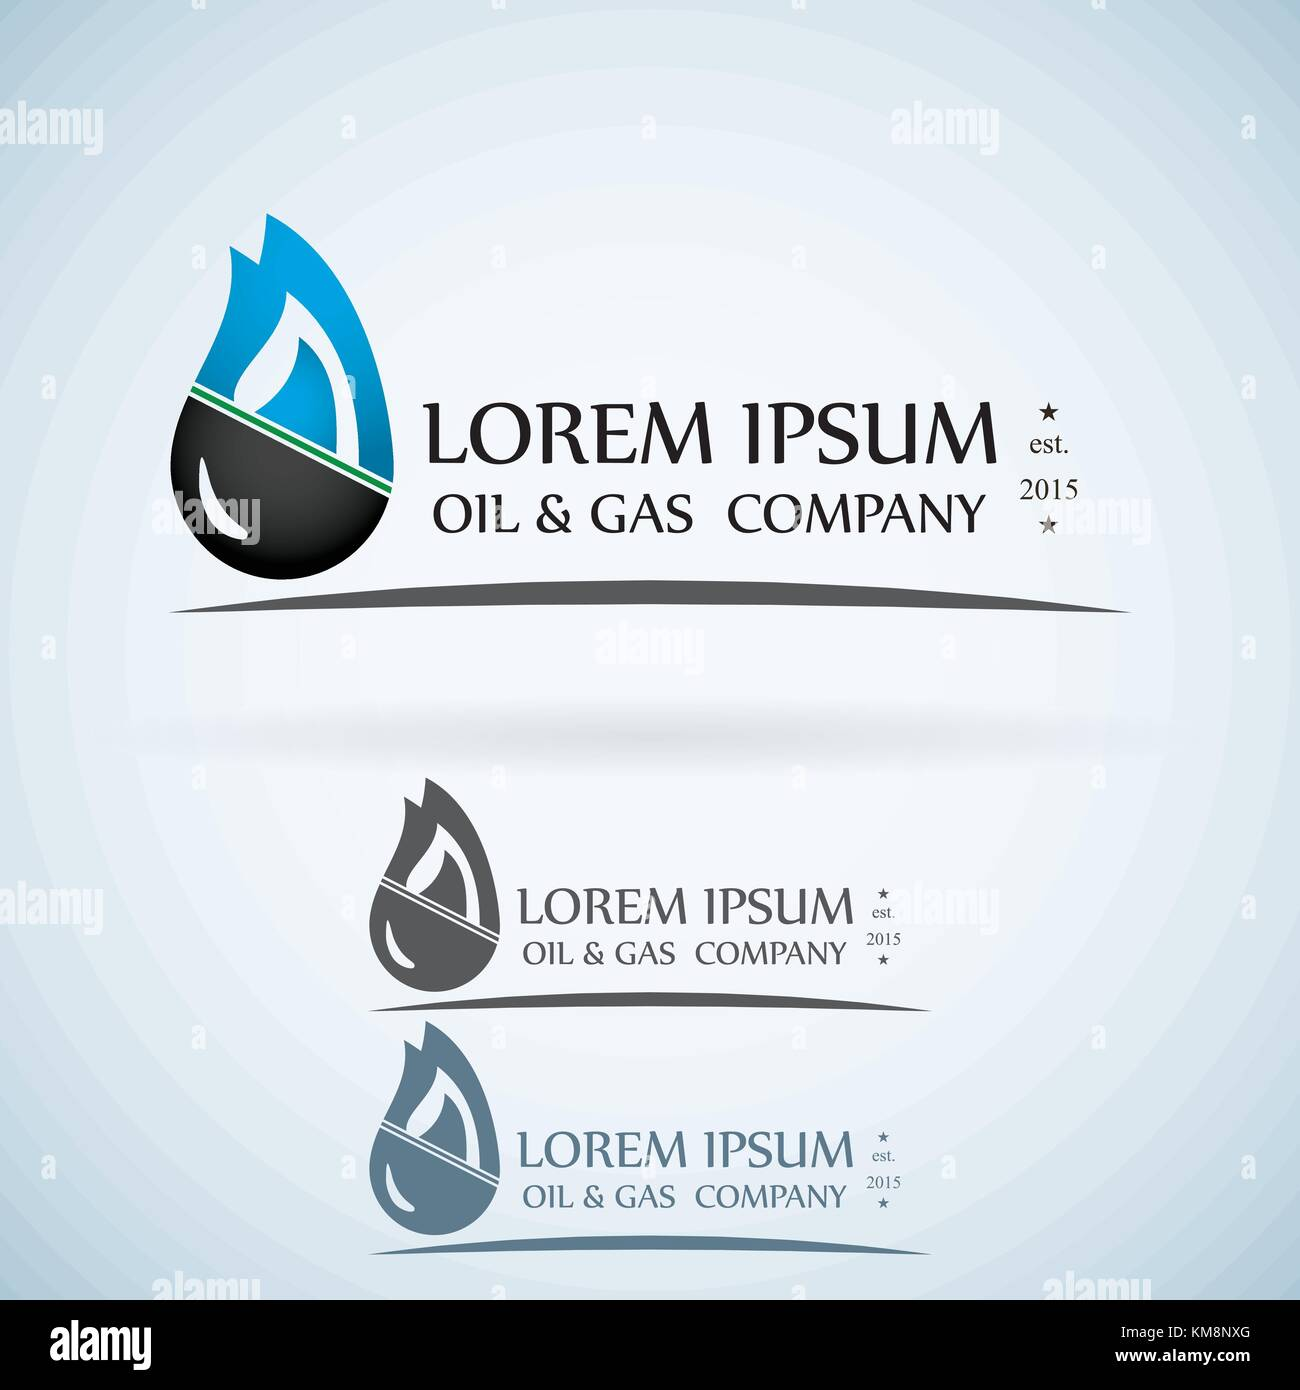 Logo Design Company Samples Full List of Custom Logo